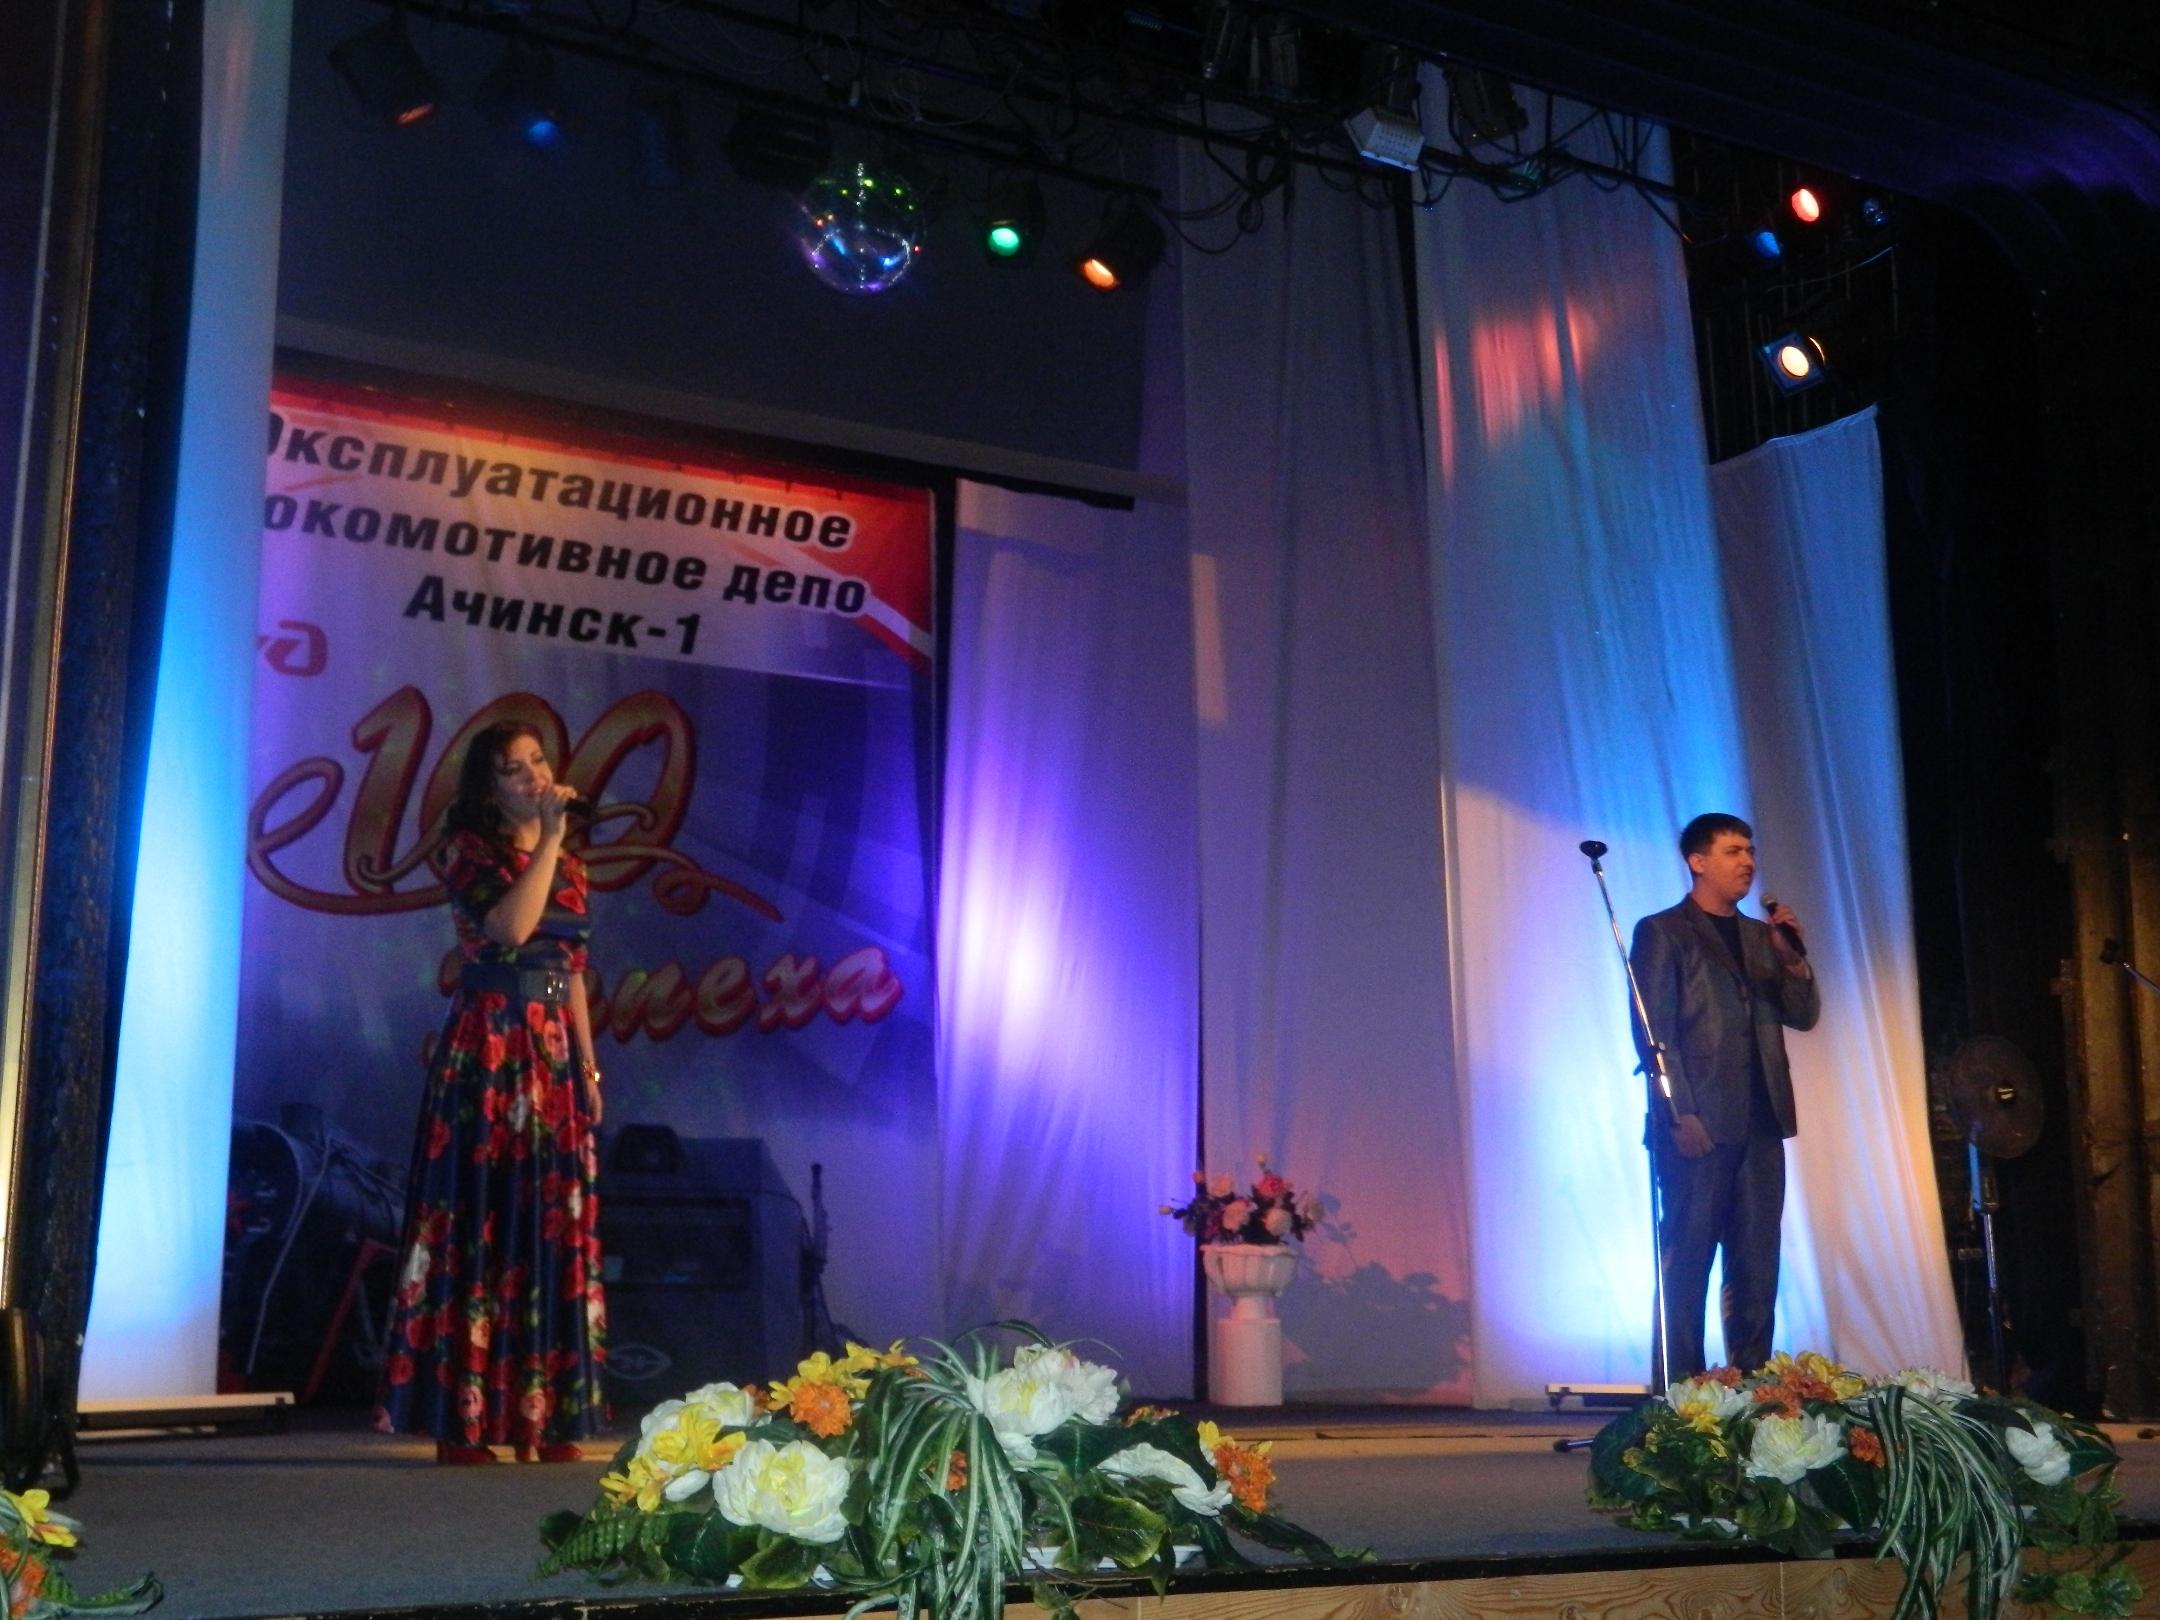 100-летие локомотивного депо Ачинск-1 (8)